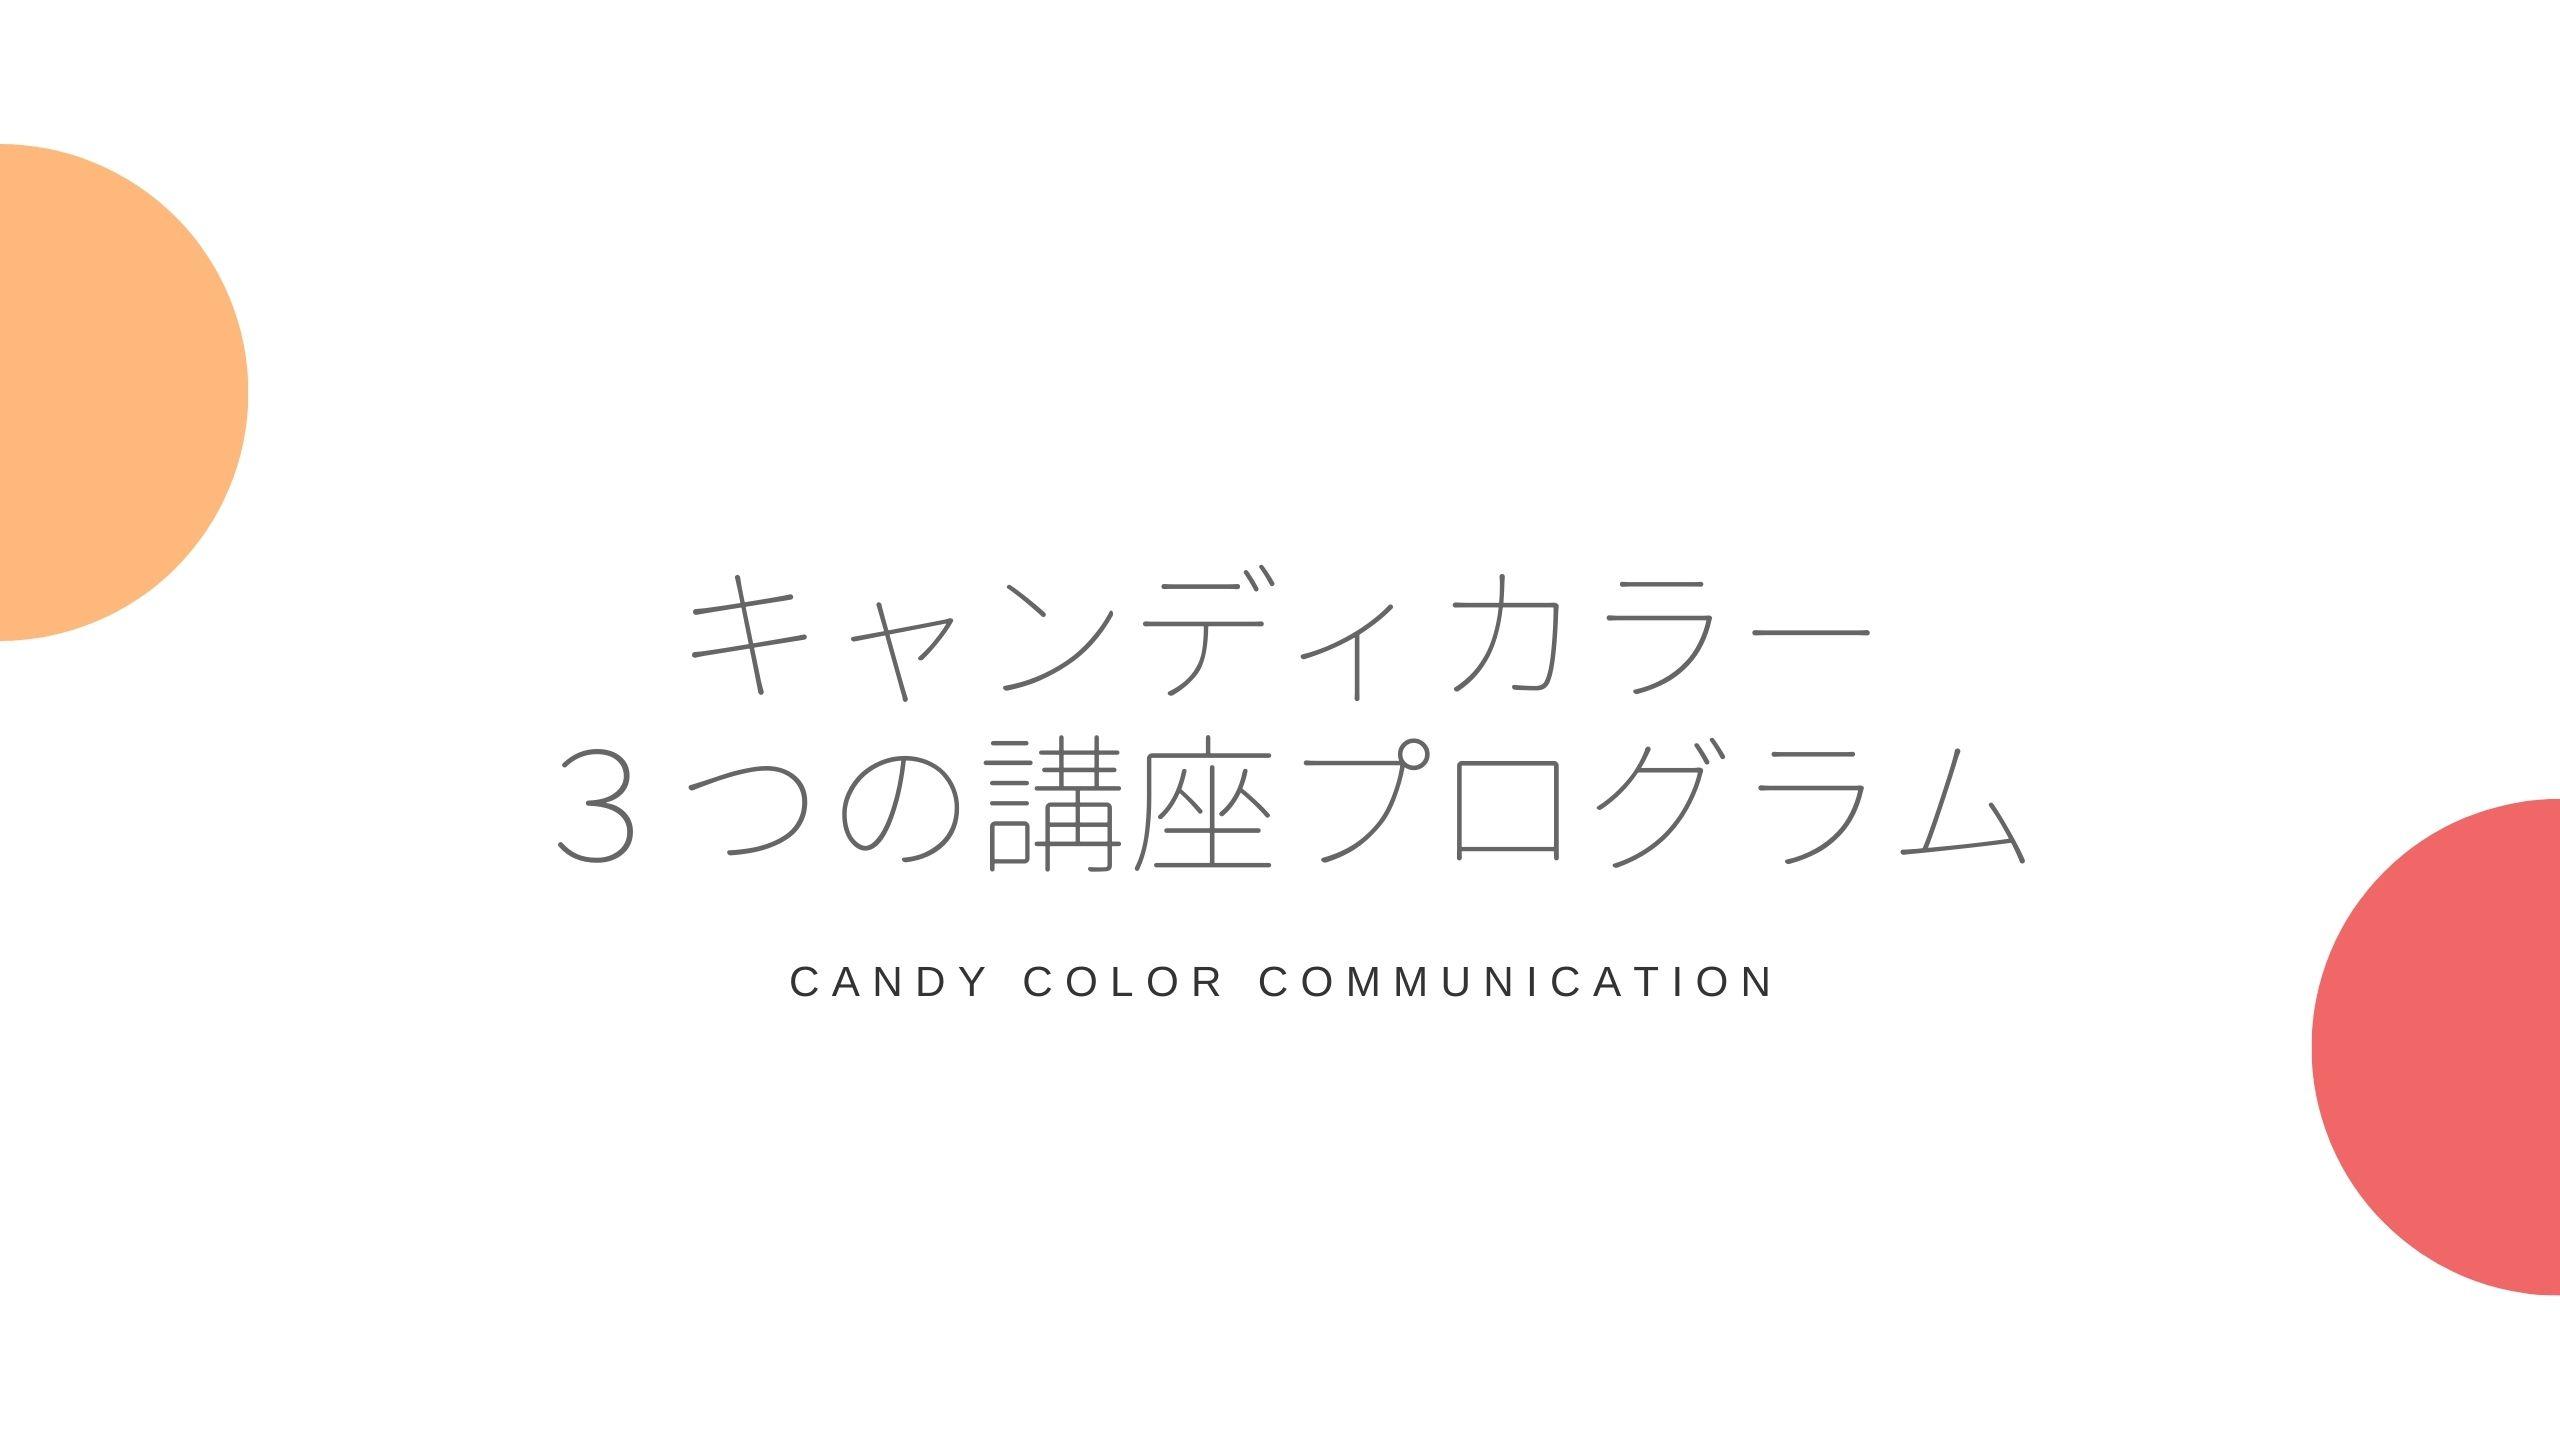 キャンディカラーコミュニケーション3つの講座プログラム